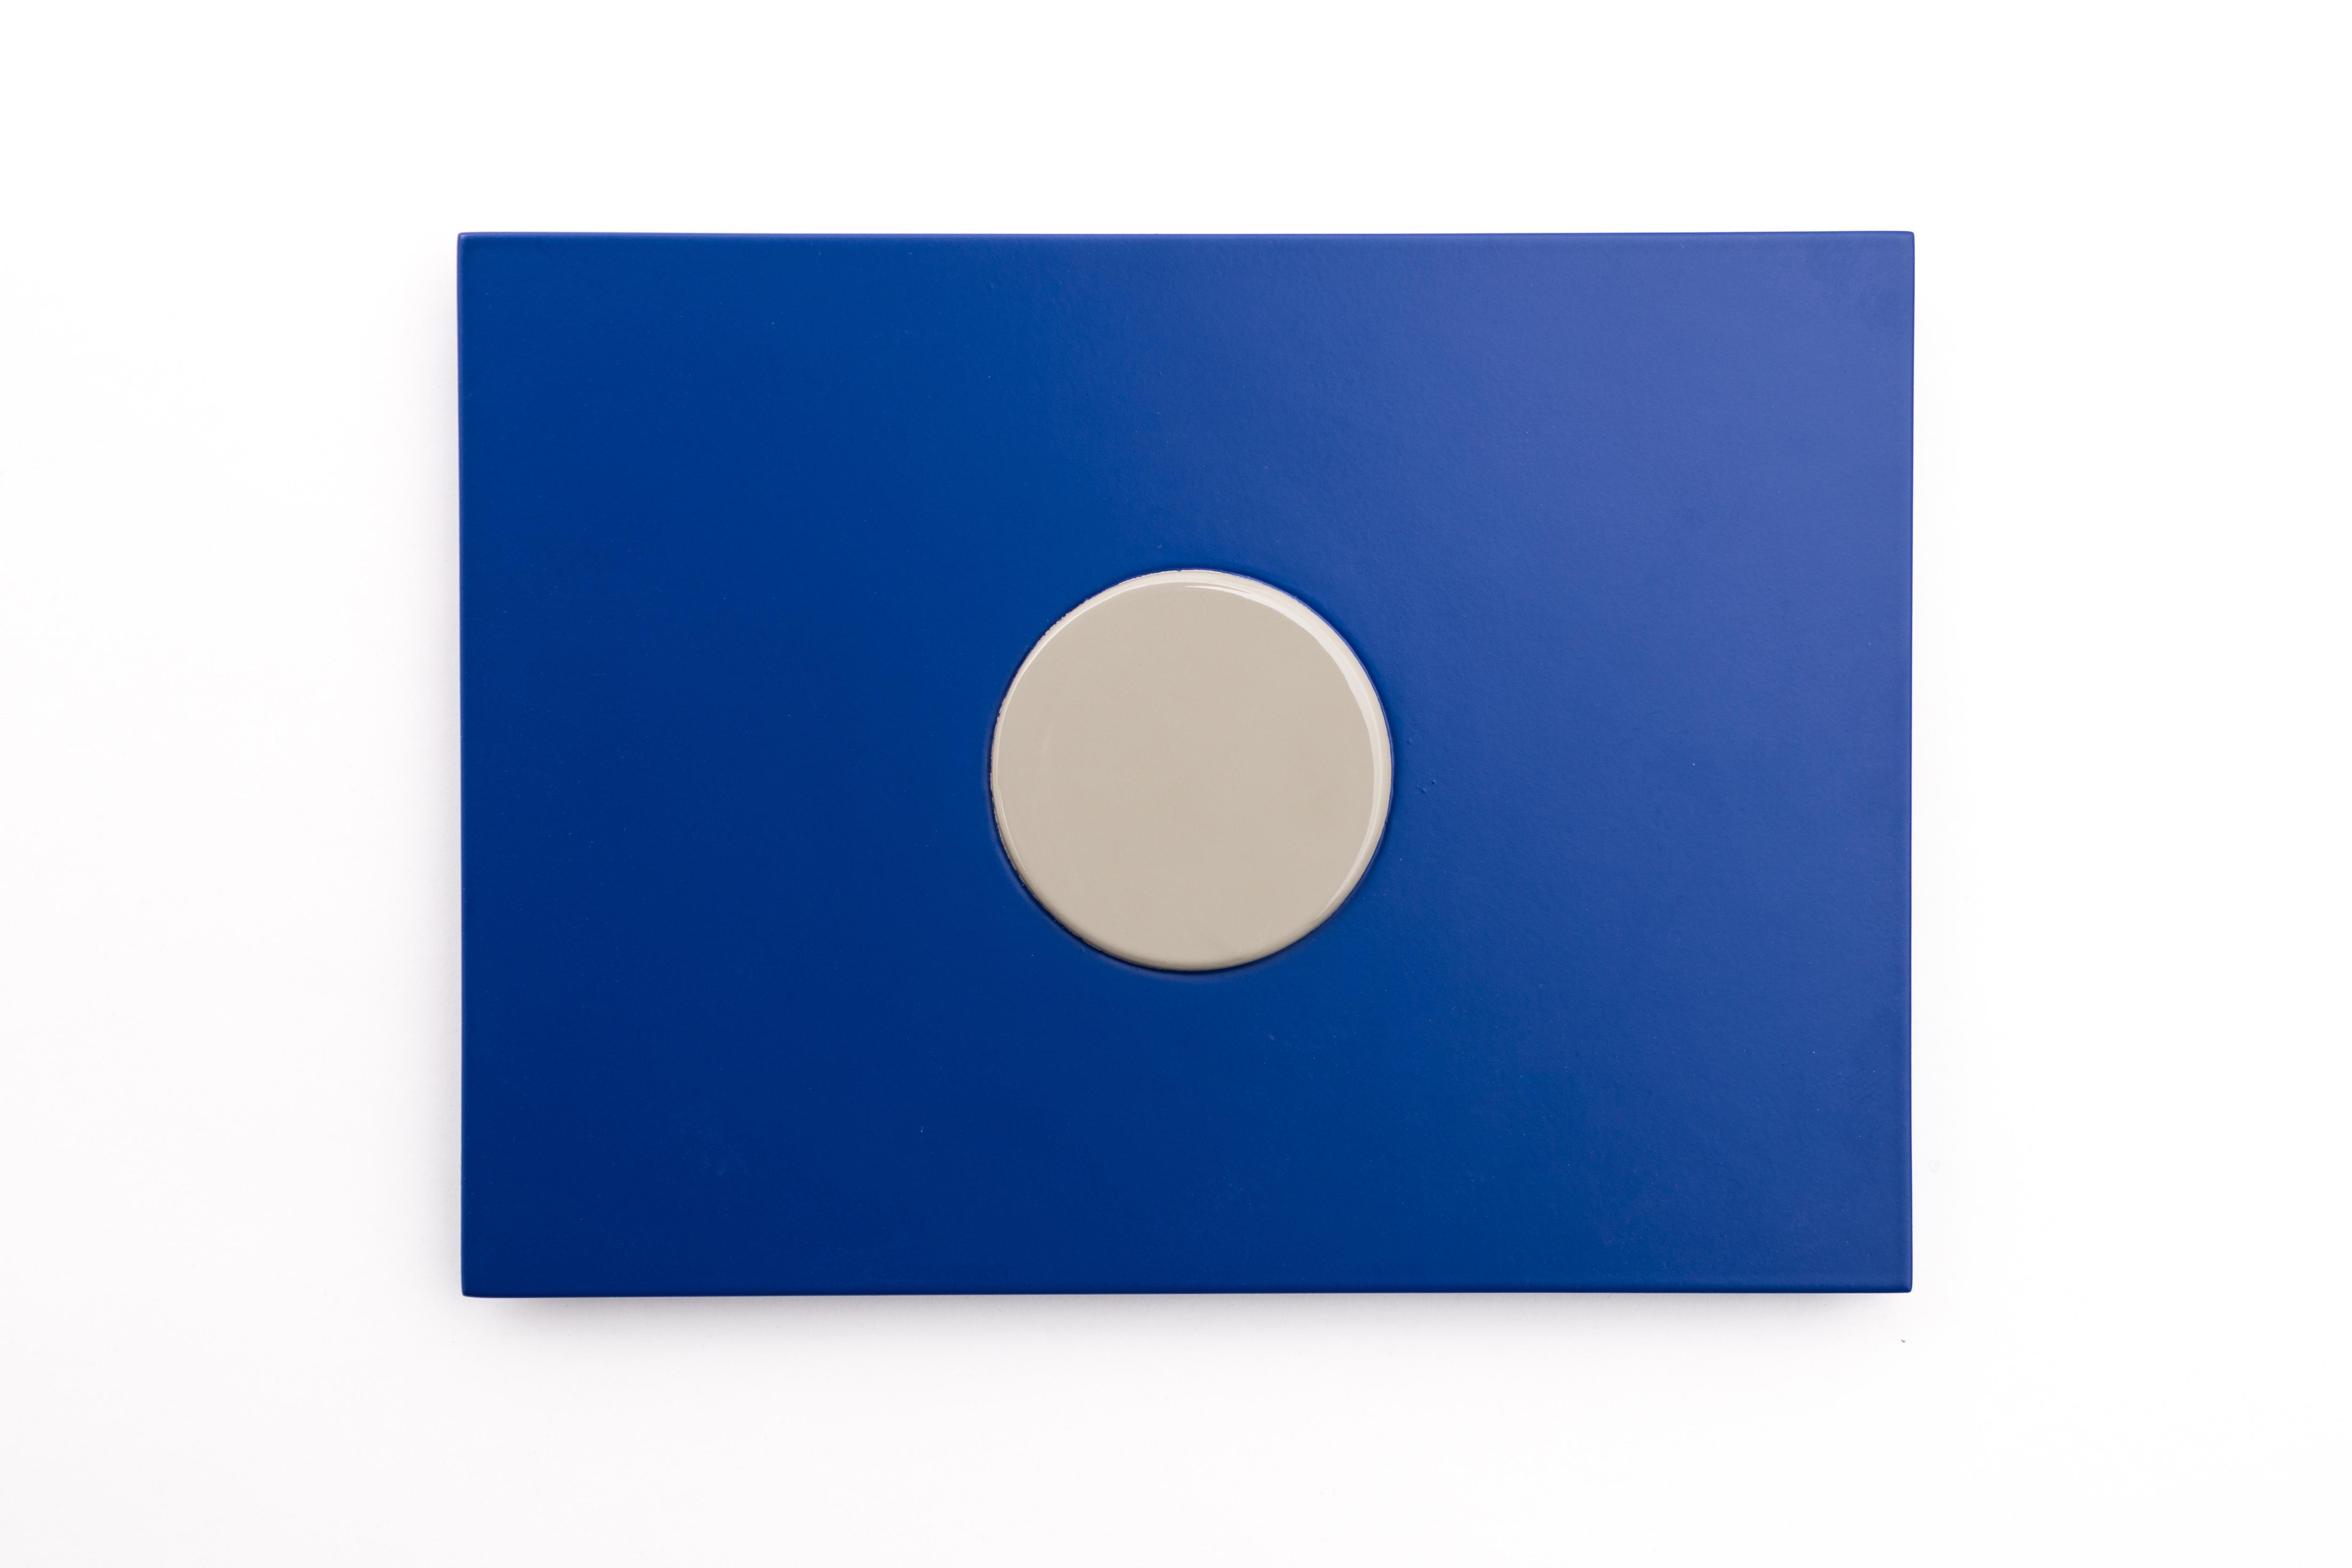 um_signalflagge_01_22x30x2cm